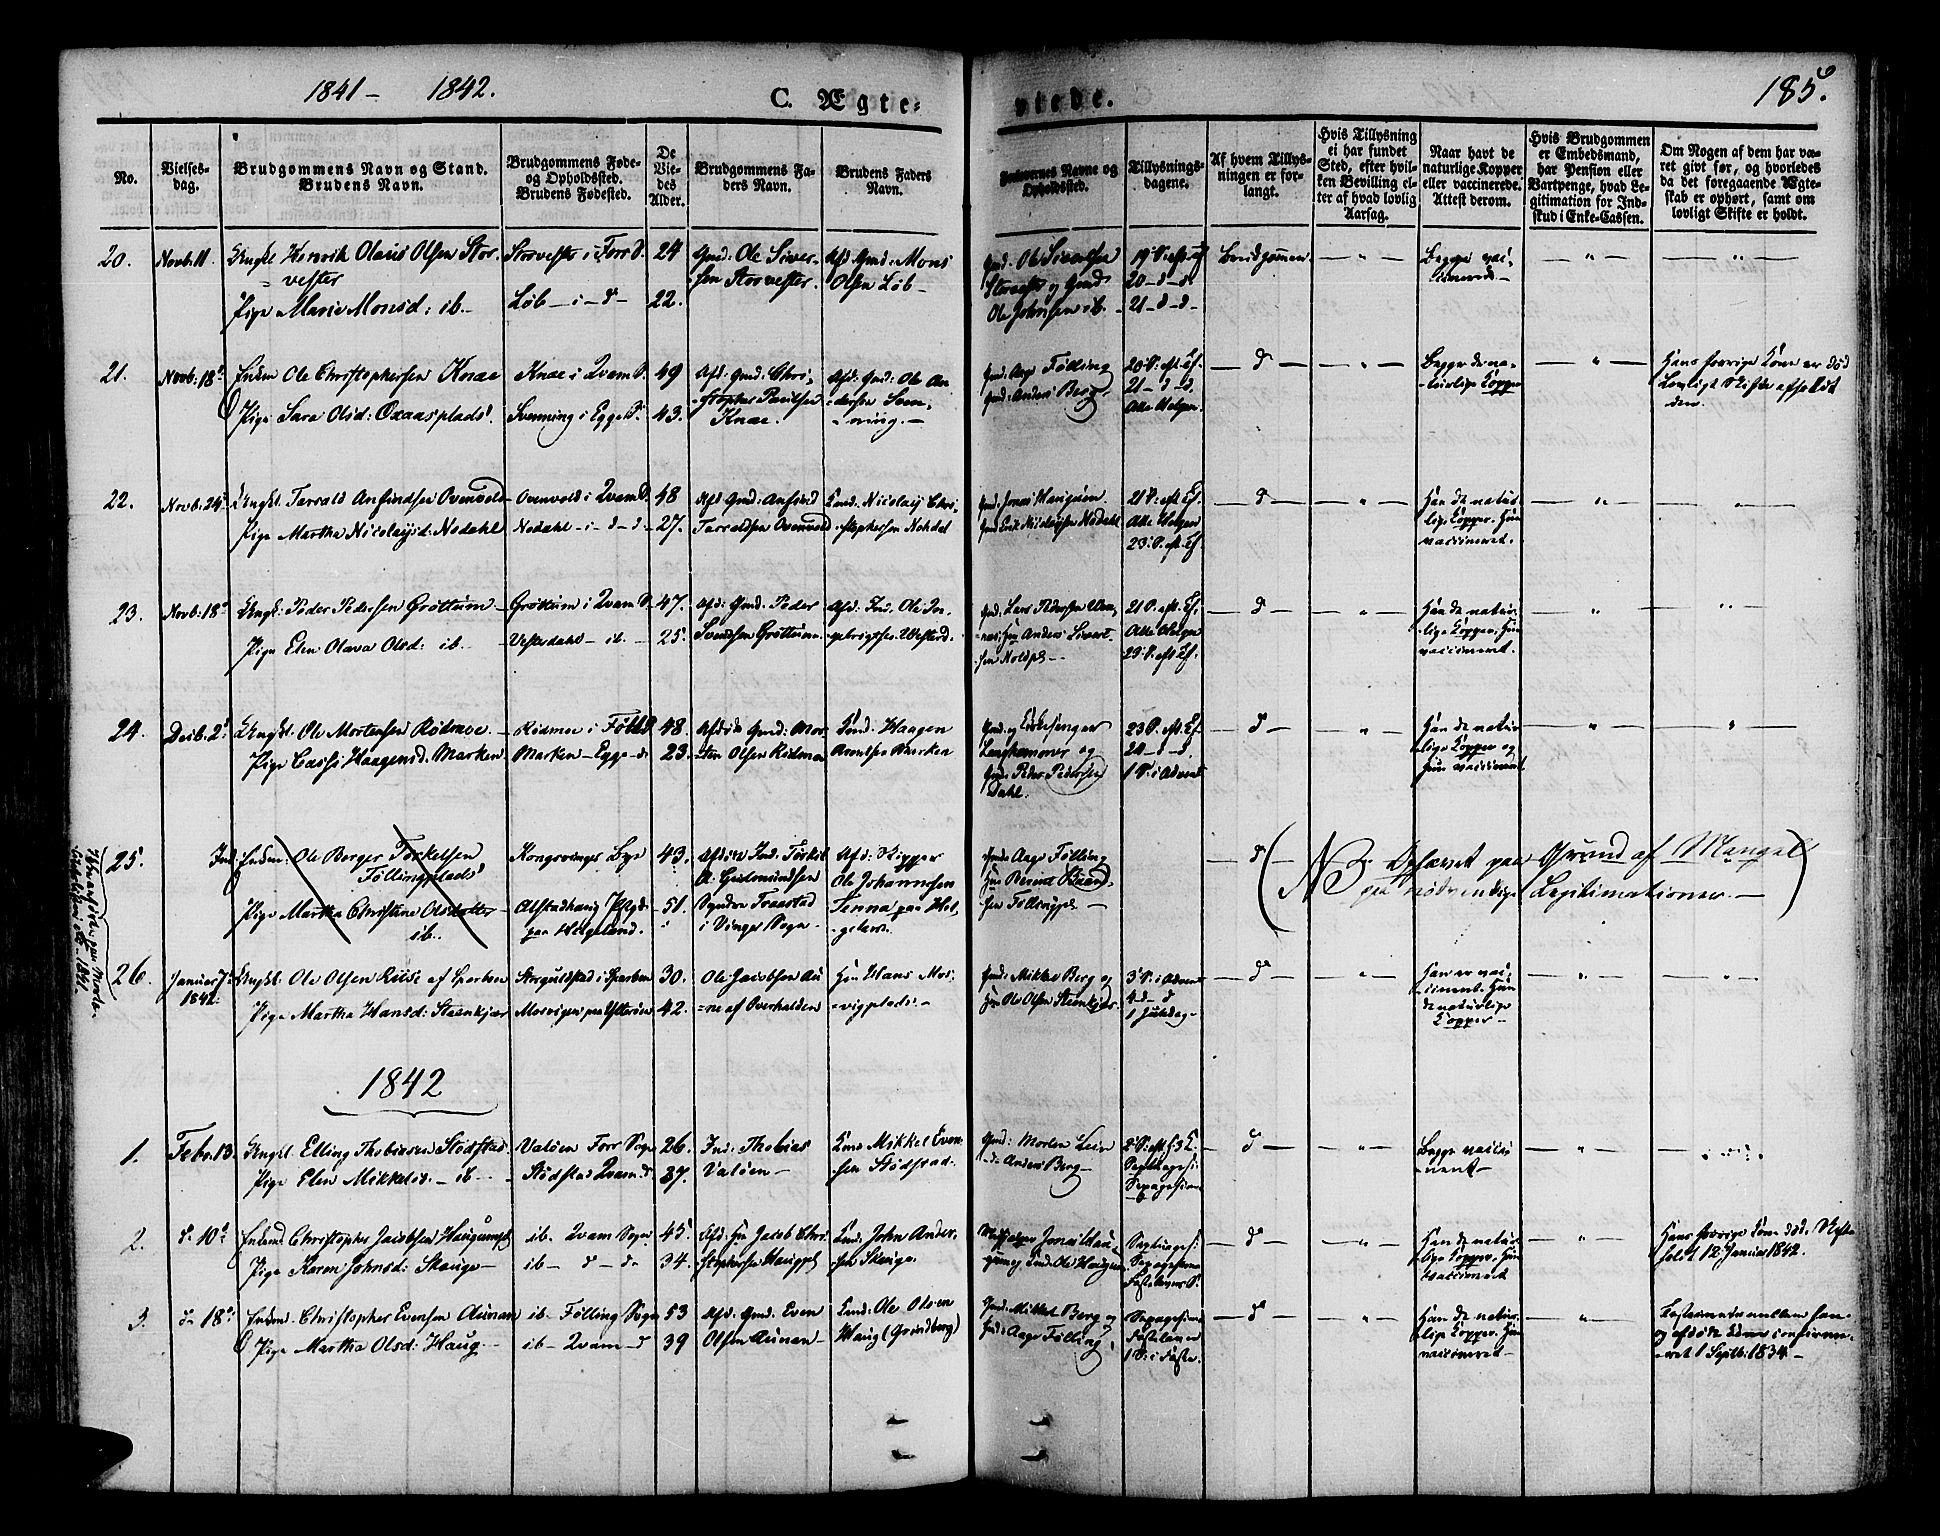 SAT, Ministerialprotokoller, klokkerbøker og fødselsregistre - Nord-Trøndelag, 746/L0445: Ministerialbok nr. 746A04, 1826-1846, s. 185